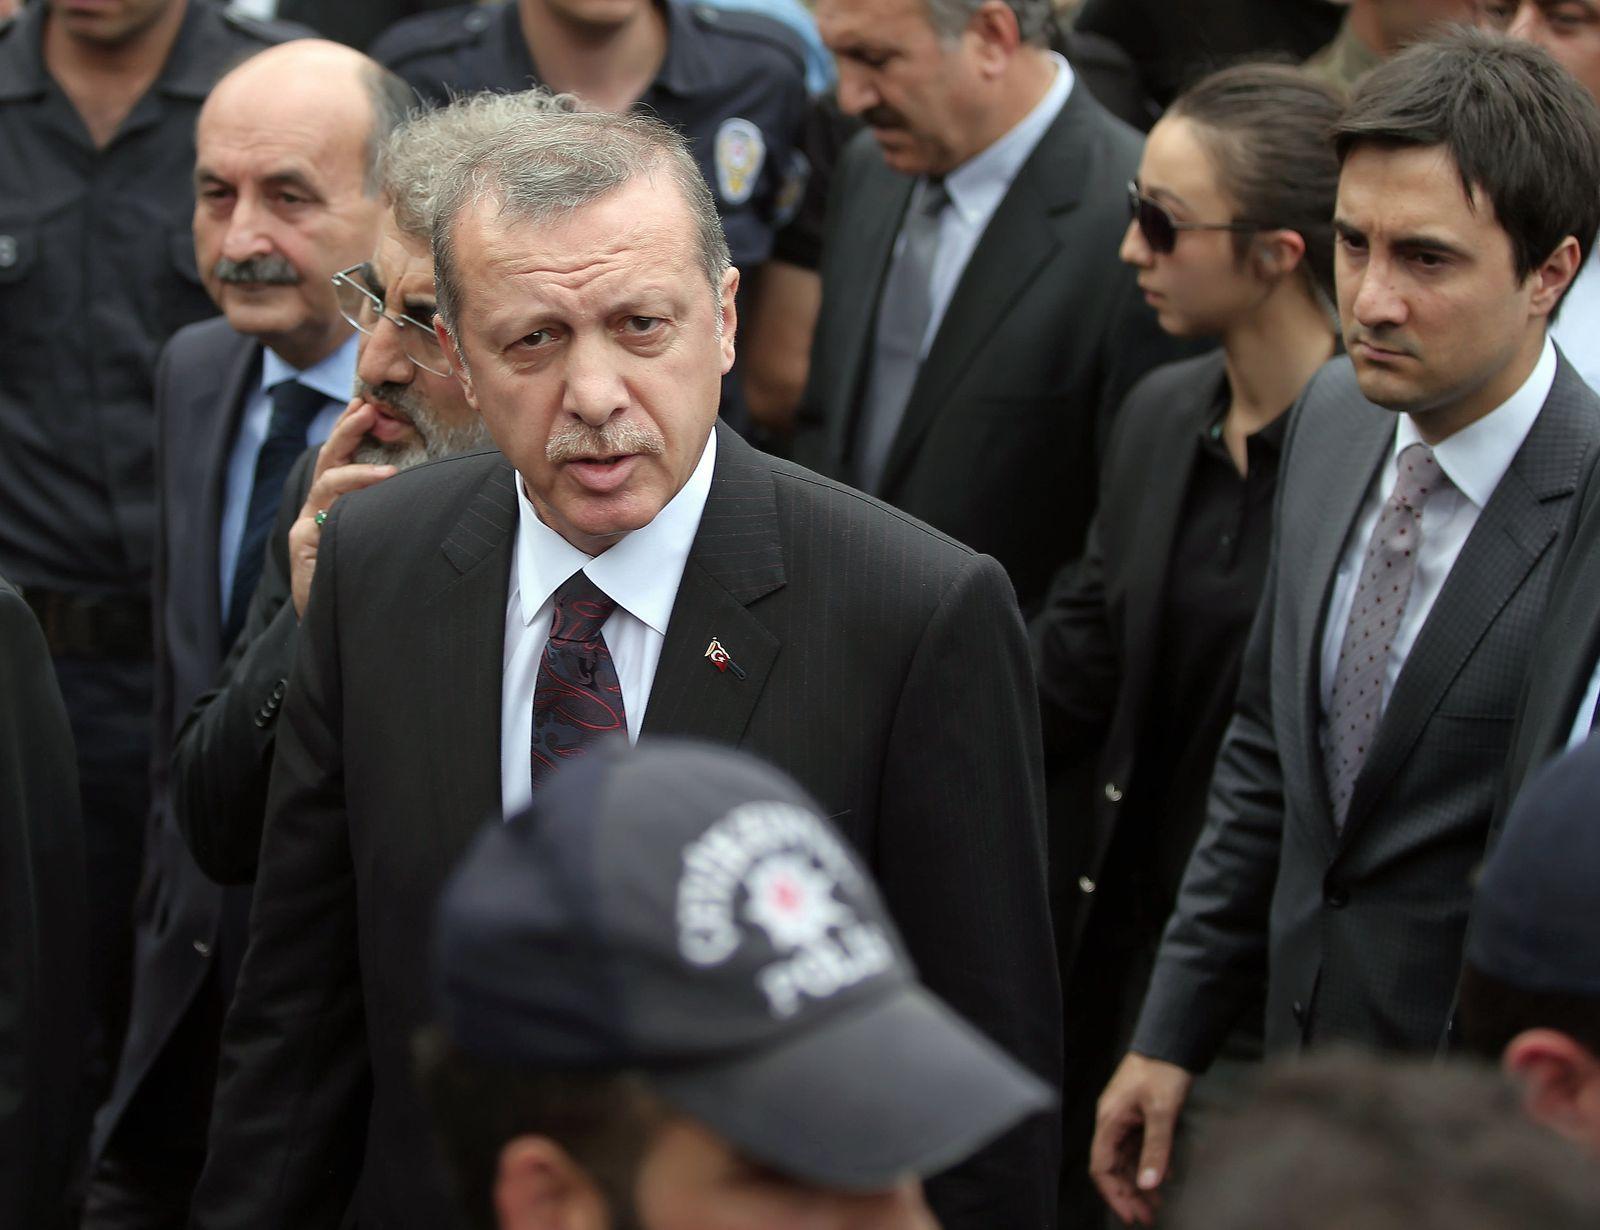 Recep Tayyip Erdogan/ Yusuf Yerkel